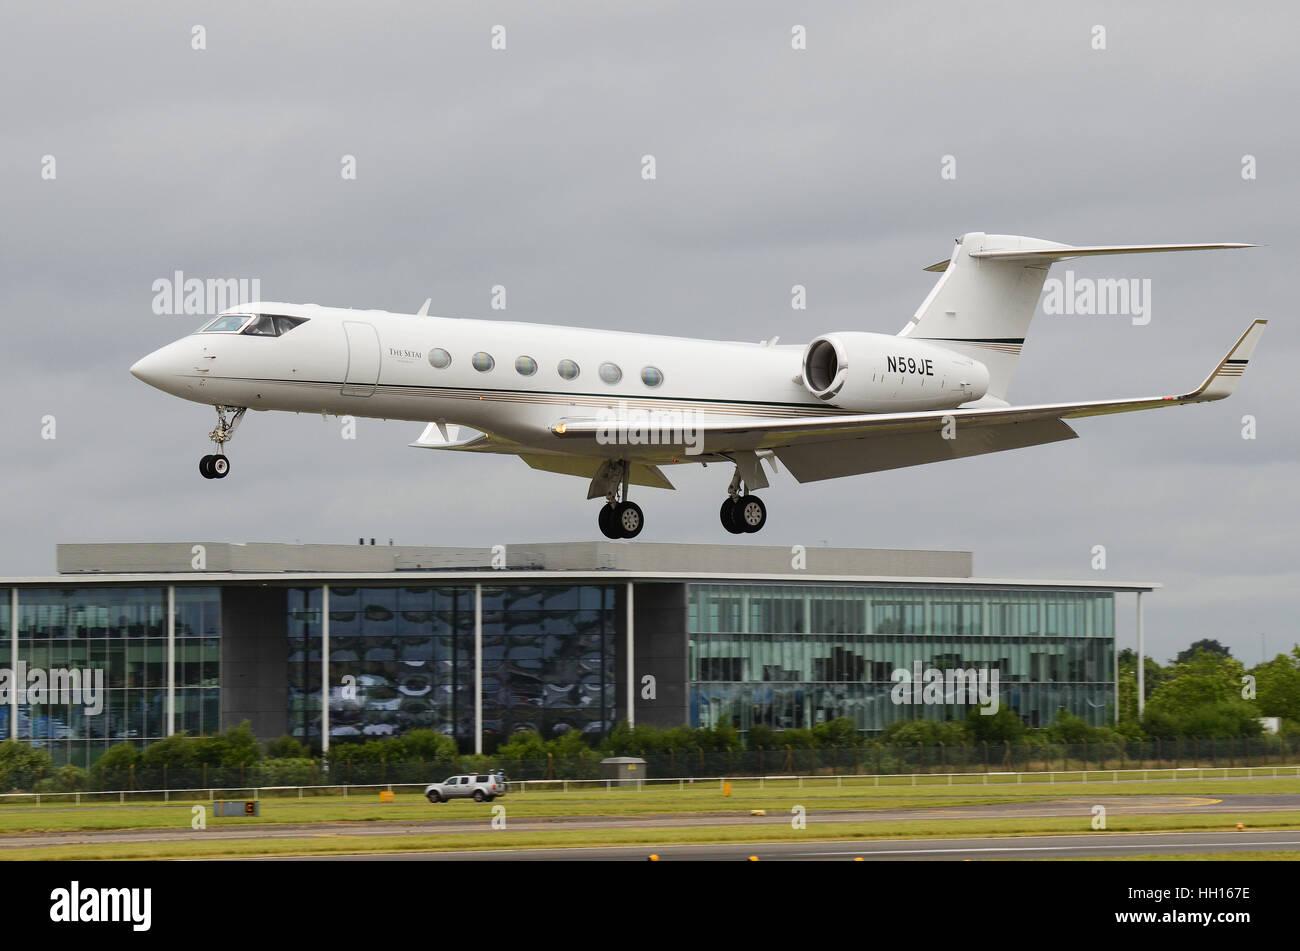 Gulfstream V (Modell GV, ausgeprägte Gee-5) ist ein langfristiger, Large Business Jets. N59 JE ist von Talon Stockbild